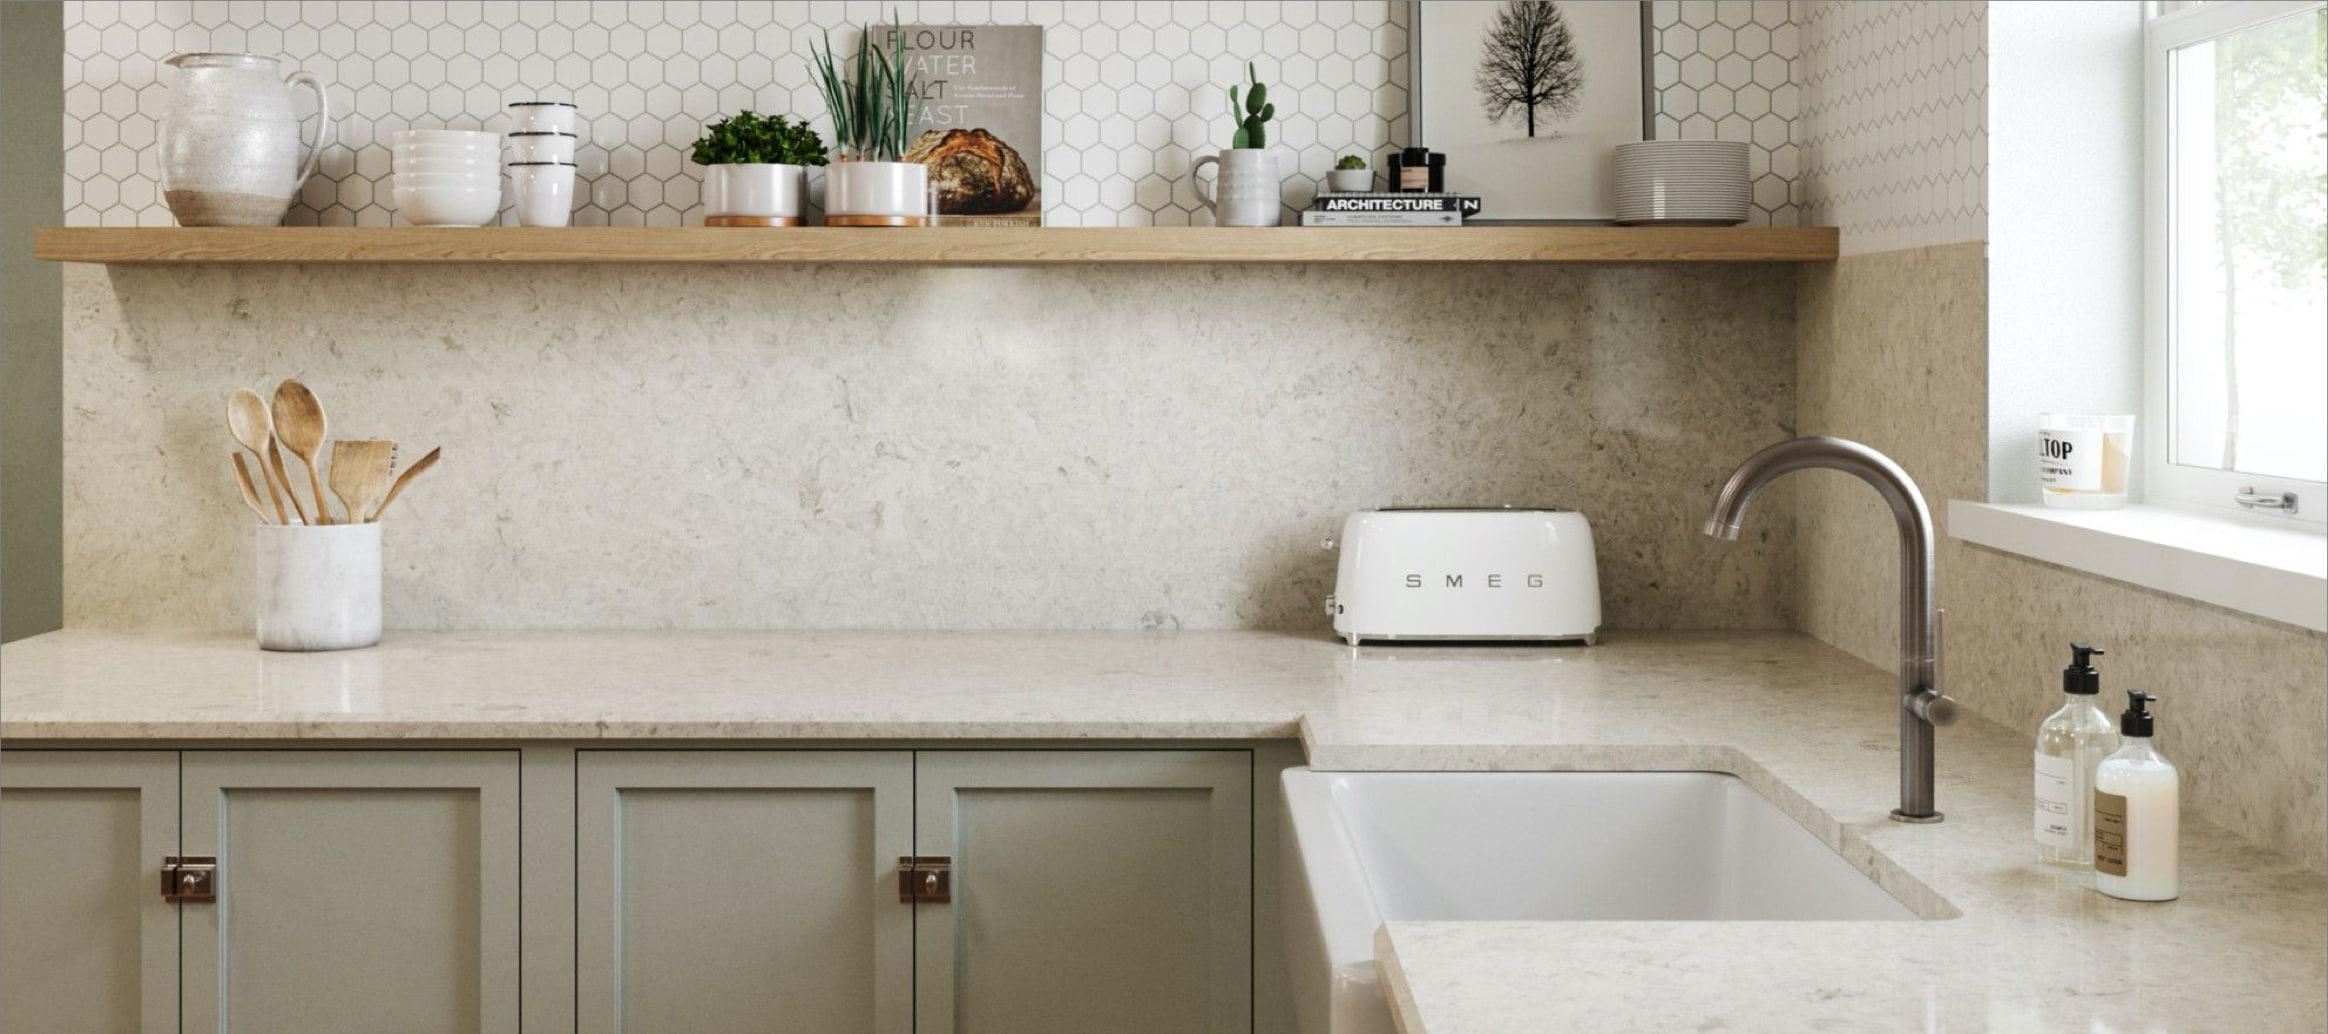 home depot cambria quartz countertops